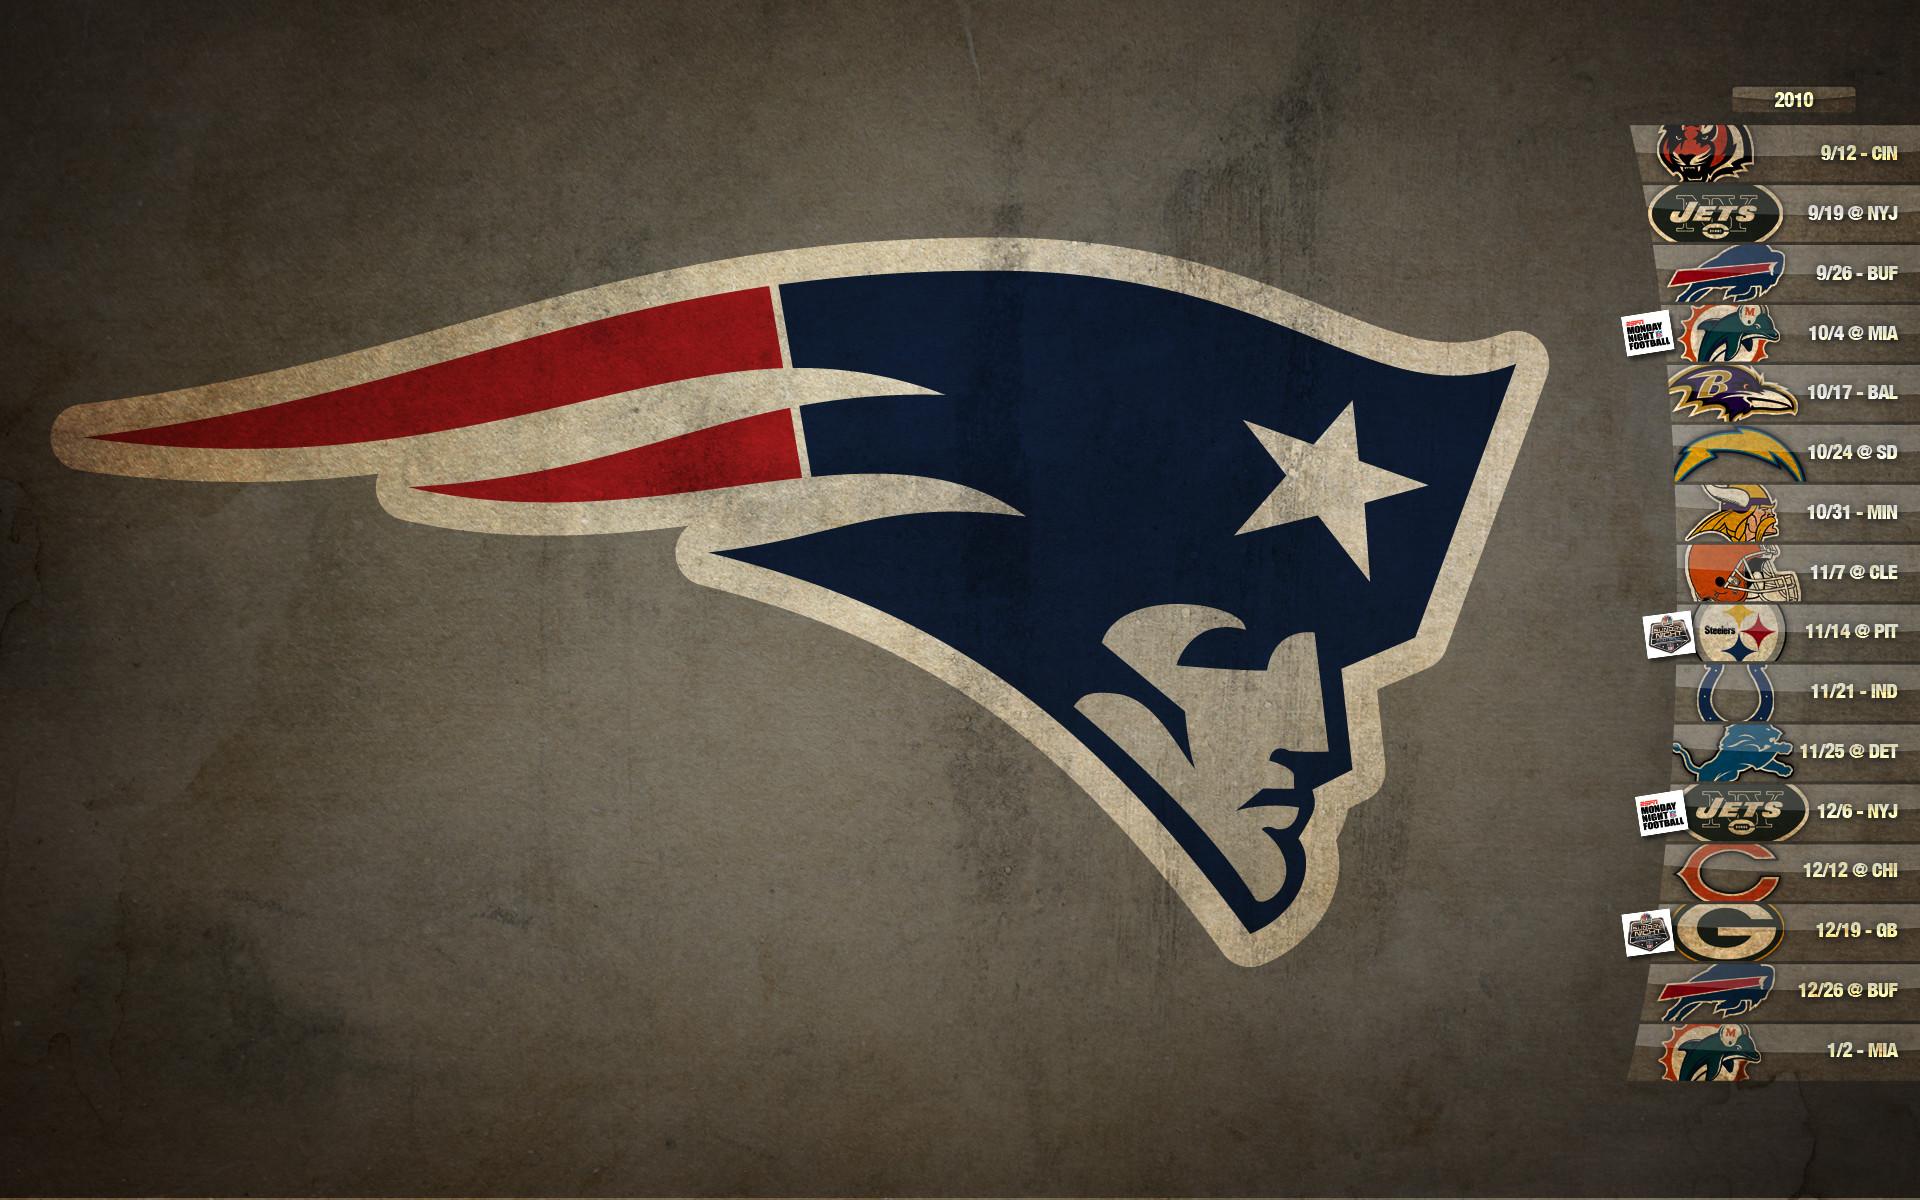 Patriots Super Bowl Champions Wallpaper (75+ Images